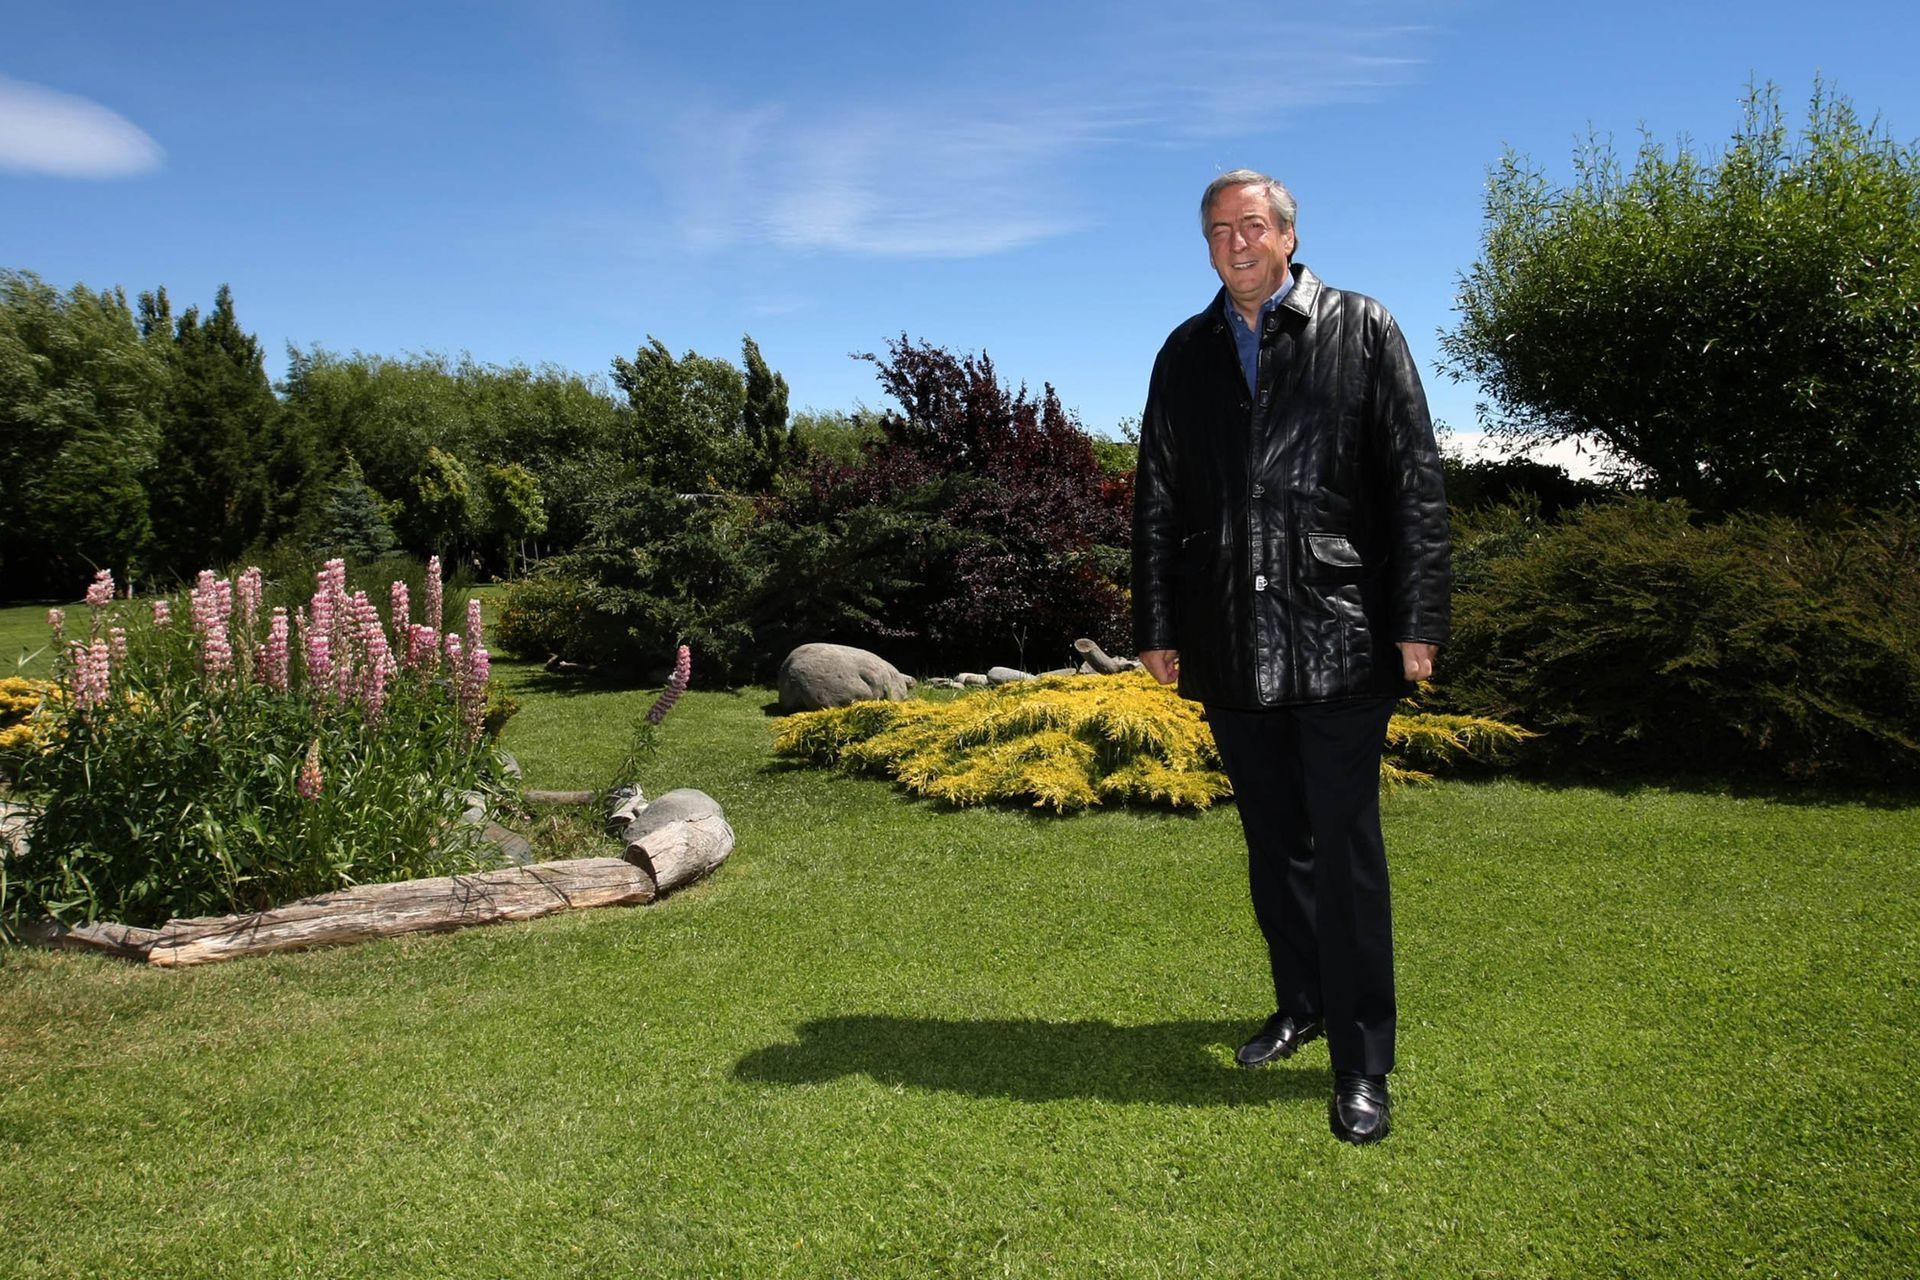 Néstor Kirchner en el jardín de su residencia en El Calafate